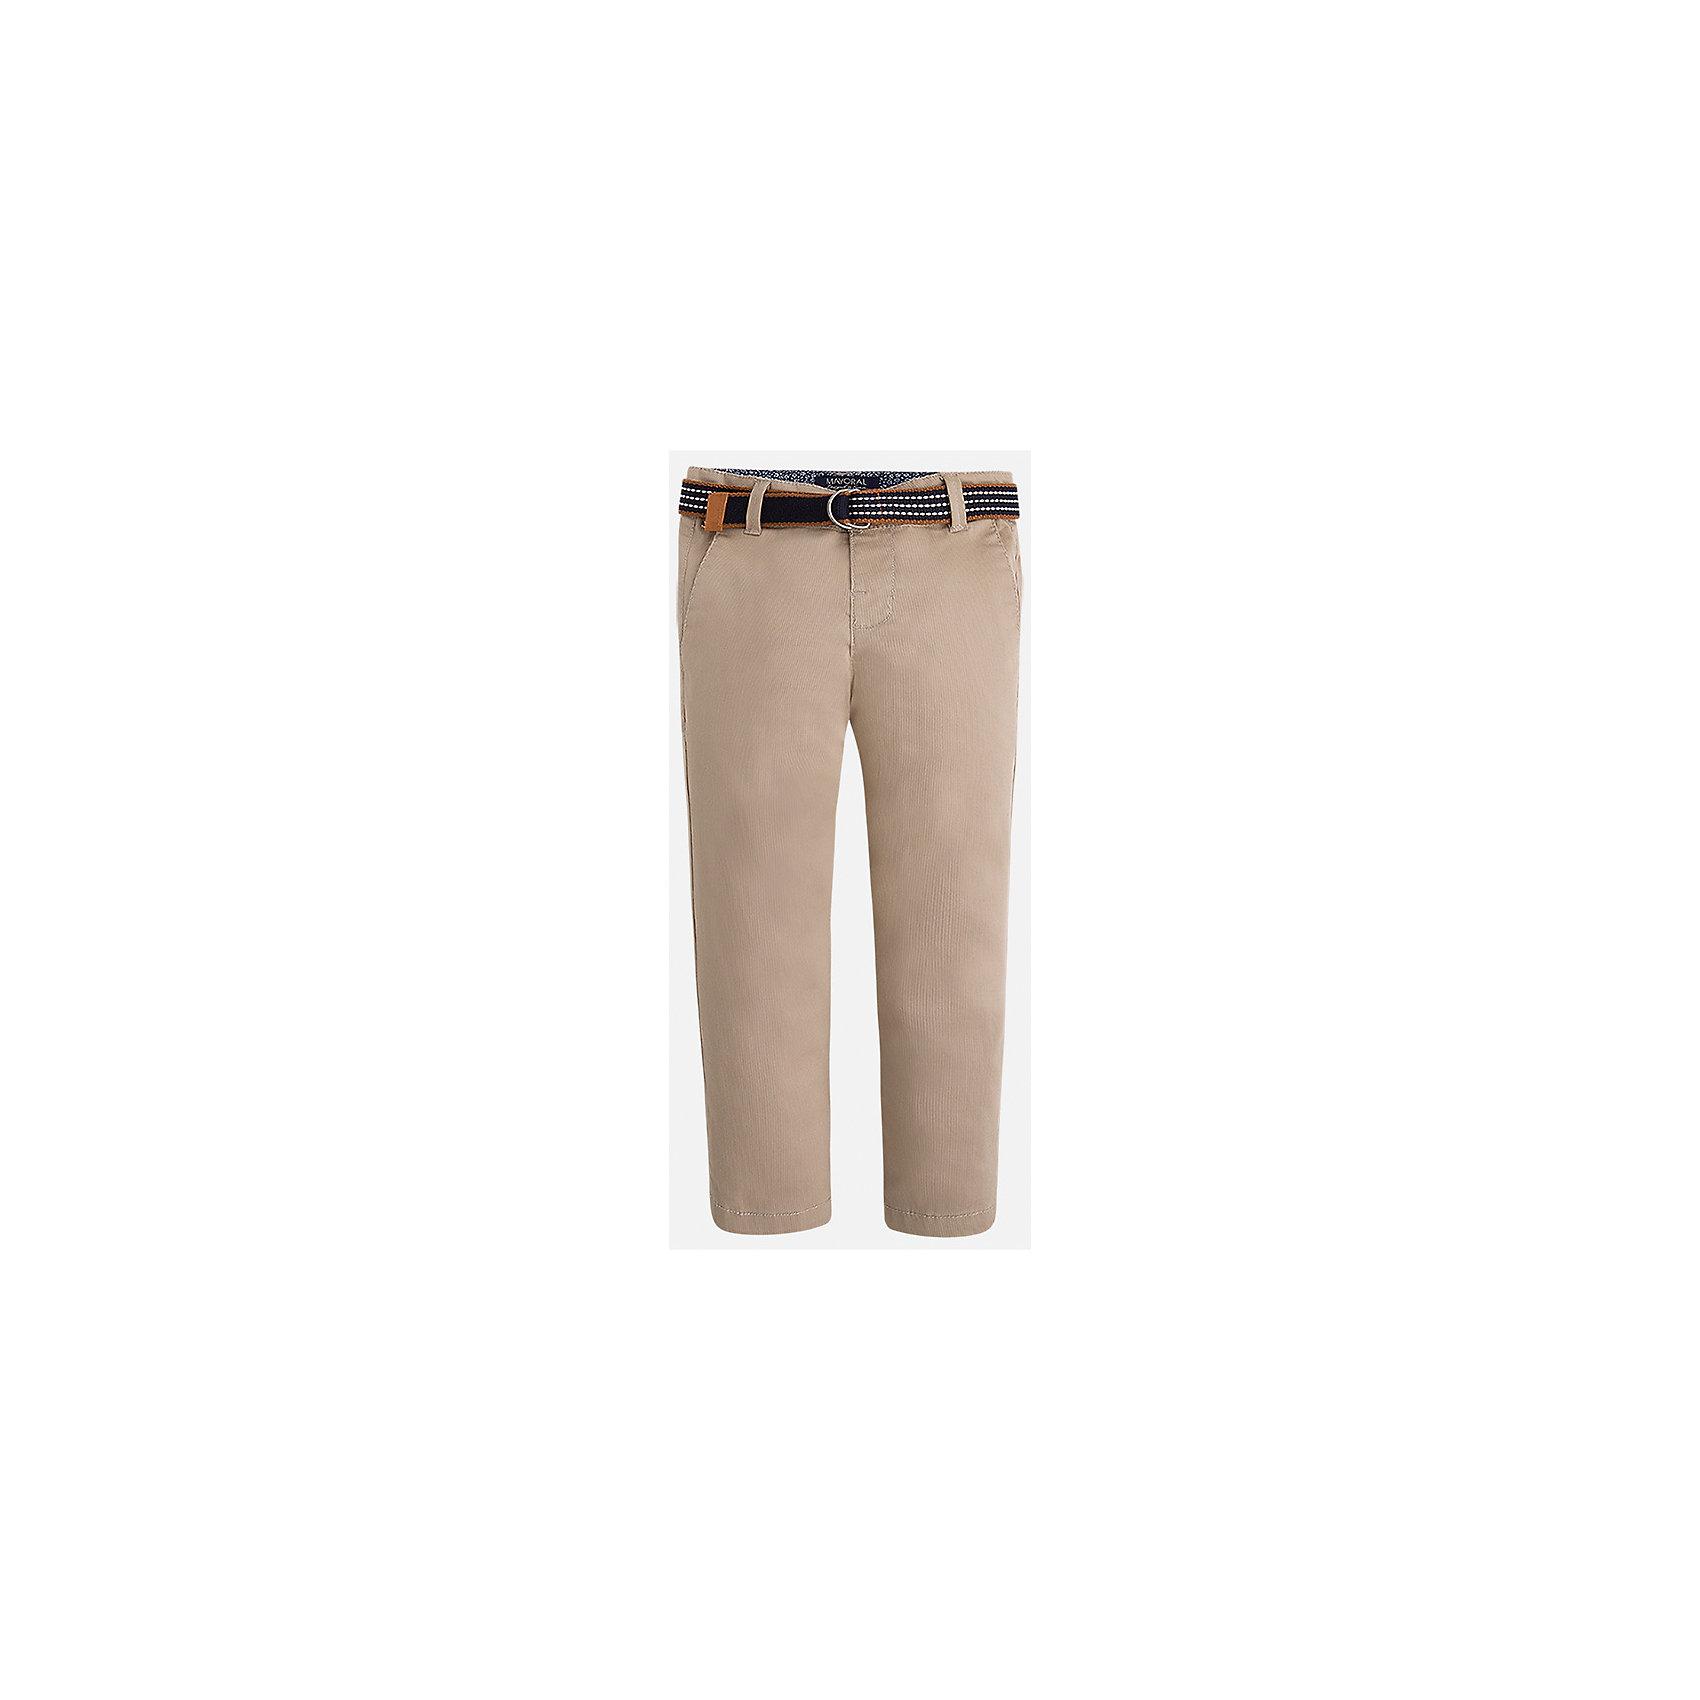 Брюки для мальчика MayoralБрюки<br>Характеристики товара:<br><br>• цвет: бежевый<br>• состав: 98% хлопок, 2% эластан<br>• контрастная подкладка<br>• шлевки<br>• карманы<br>• пояс с регулировкой объема<br>• классический силуэт<br>• страна бренда: Испания<br><br>Модные брюки для мальчика смогут стать базовой вещью в гардеробе ребенка. Они отлично сочетаются с майками, футболками, рубашками и т.д.  В составе материала - натуральный хлопок, гипоаллергенный, приятный на ощупь, дышащий.<br><br>Брюки для мальчика от испанского бренда Mayoral (Майорал) можно купить в нашем интернет-магазине.<br><br>Ширина мм: 215<br>Глубина мм: 88<br>Высота мм: 191<br>Вес г: 336<br>Цвет: бежевый<br>Возраст от месяцев: 72<br>Возраст до месяцев: 84<br>Пол: Мужской<br>Возраст: Детский<br>Размер: 122,116,110,104,98,92,134,128<br>SKU: 5280783